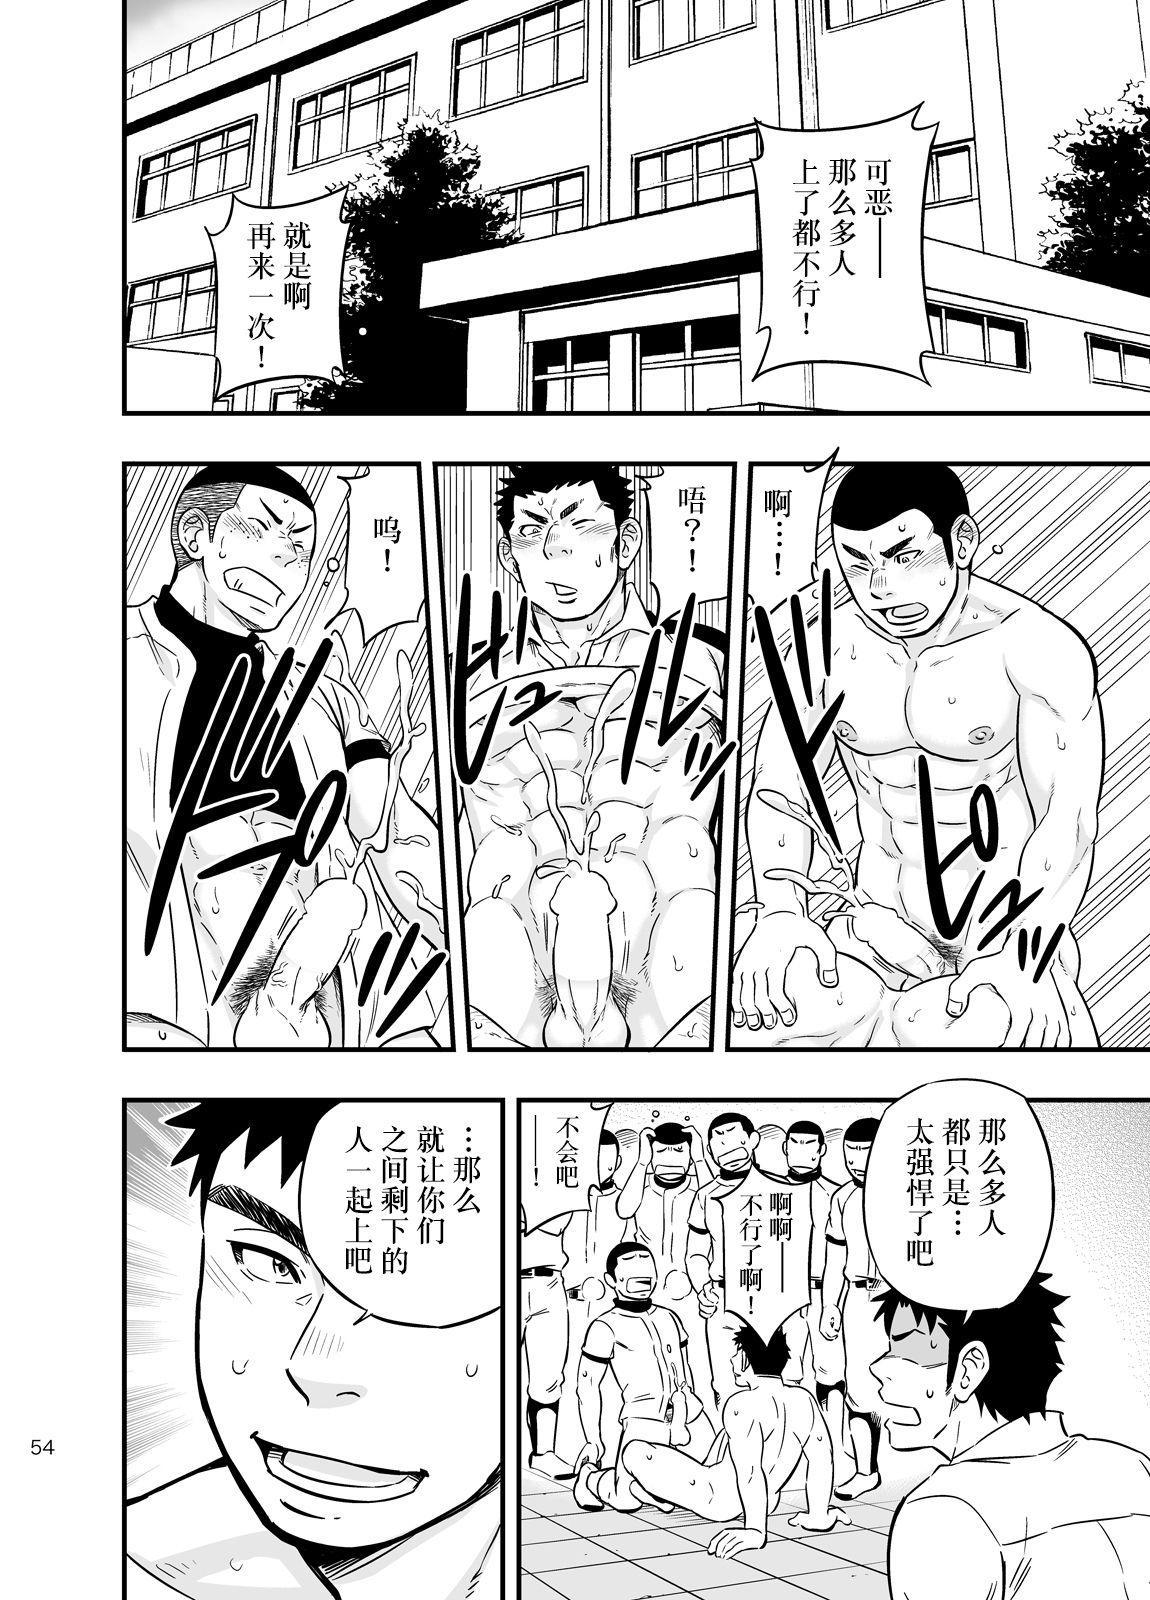 Moshimo Danshikou no Hoken Taiiku ga Jitsugi Ari Dattara 2 | 如果男校的保健体育课有实践环节的话 2 52